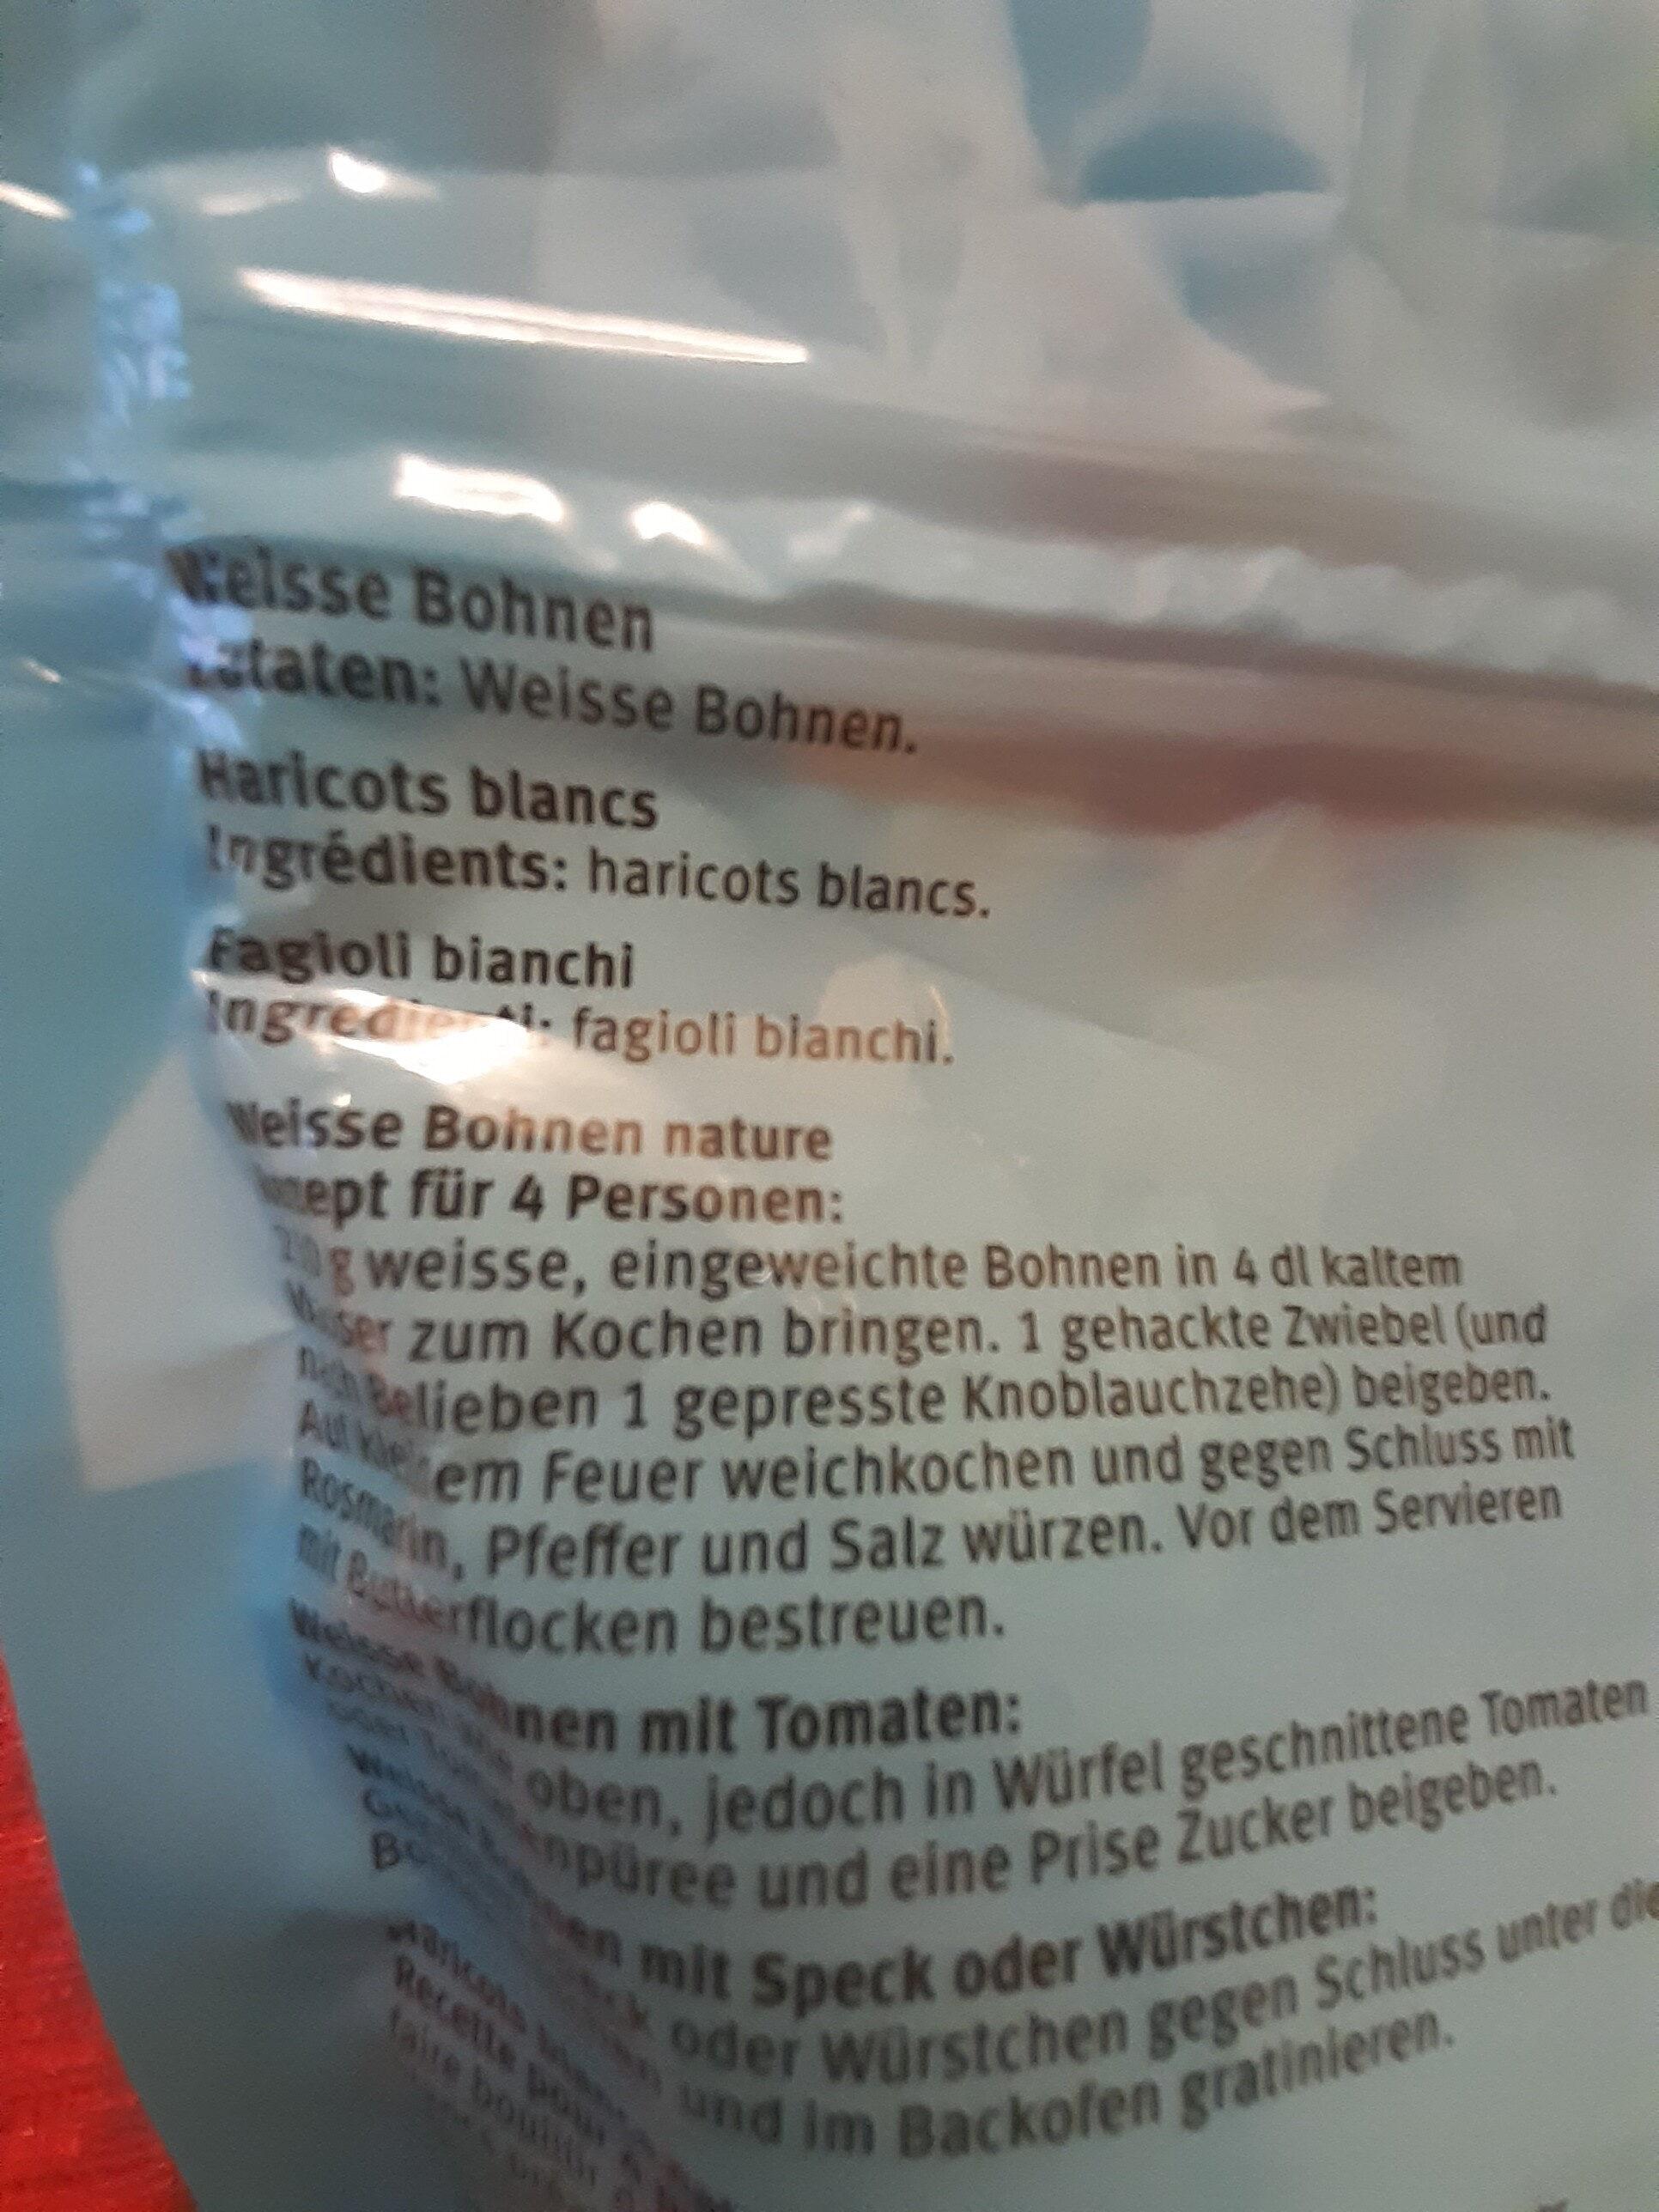 Haricots blancs - Inhaltsstoffe - it